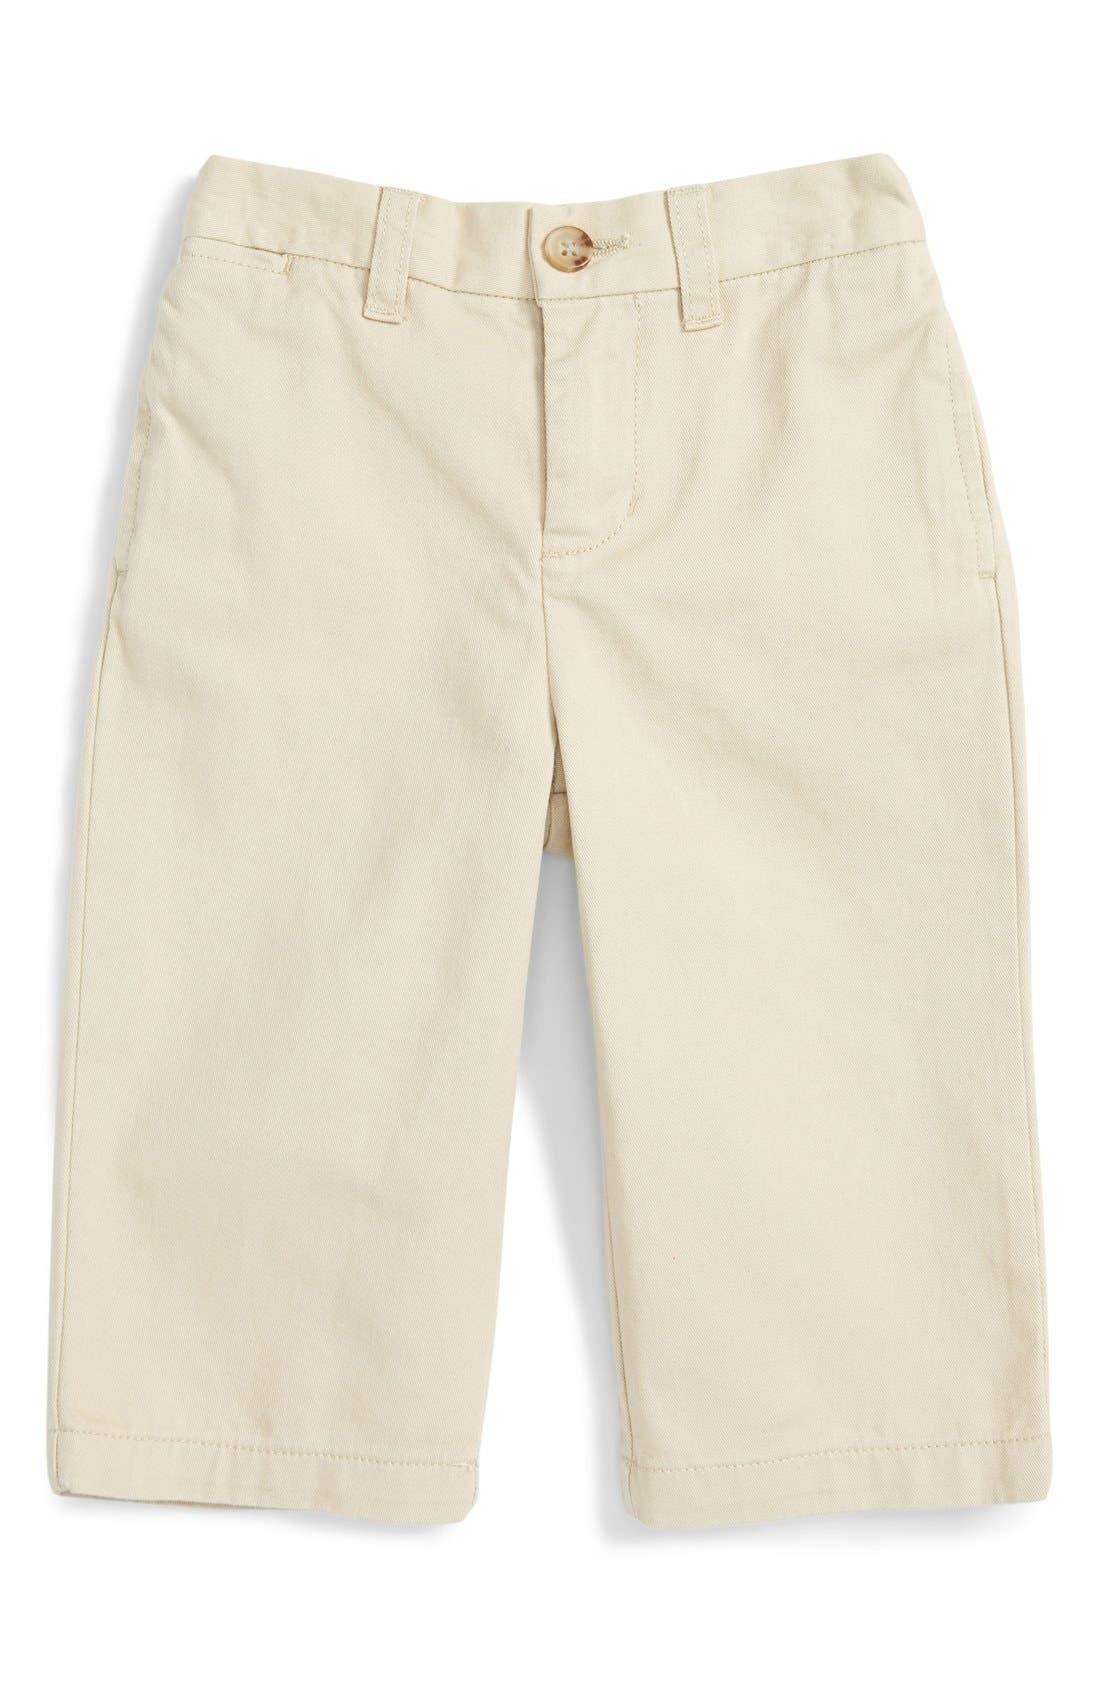 Ralph Lauren \u0027Suffield\u0027 Chino Pants (Baby Boys)